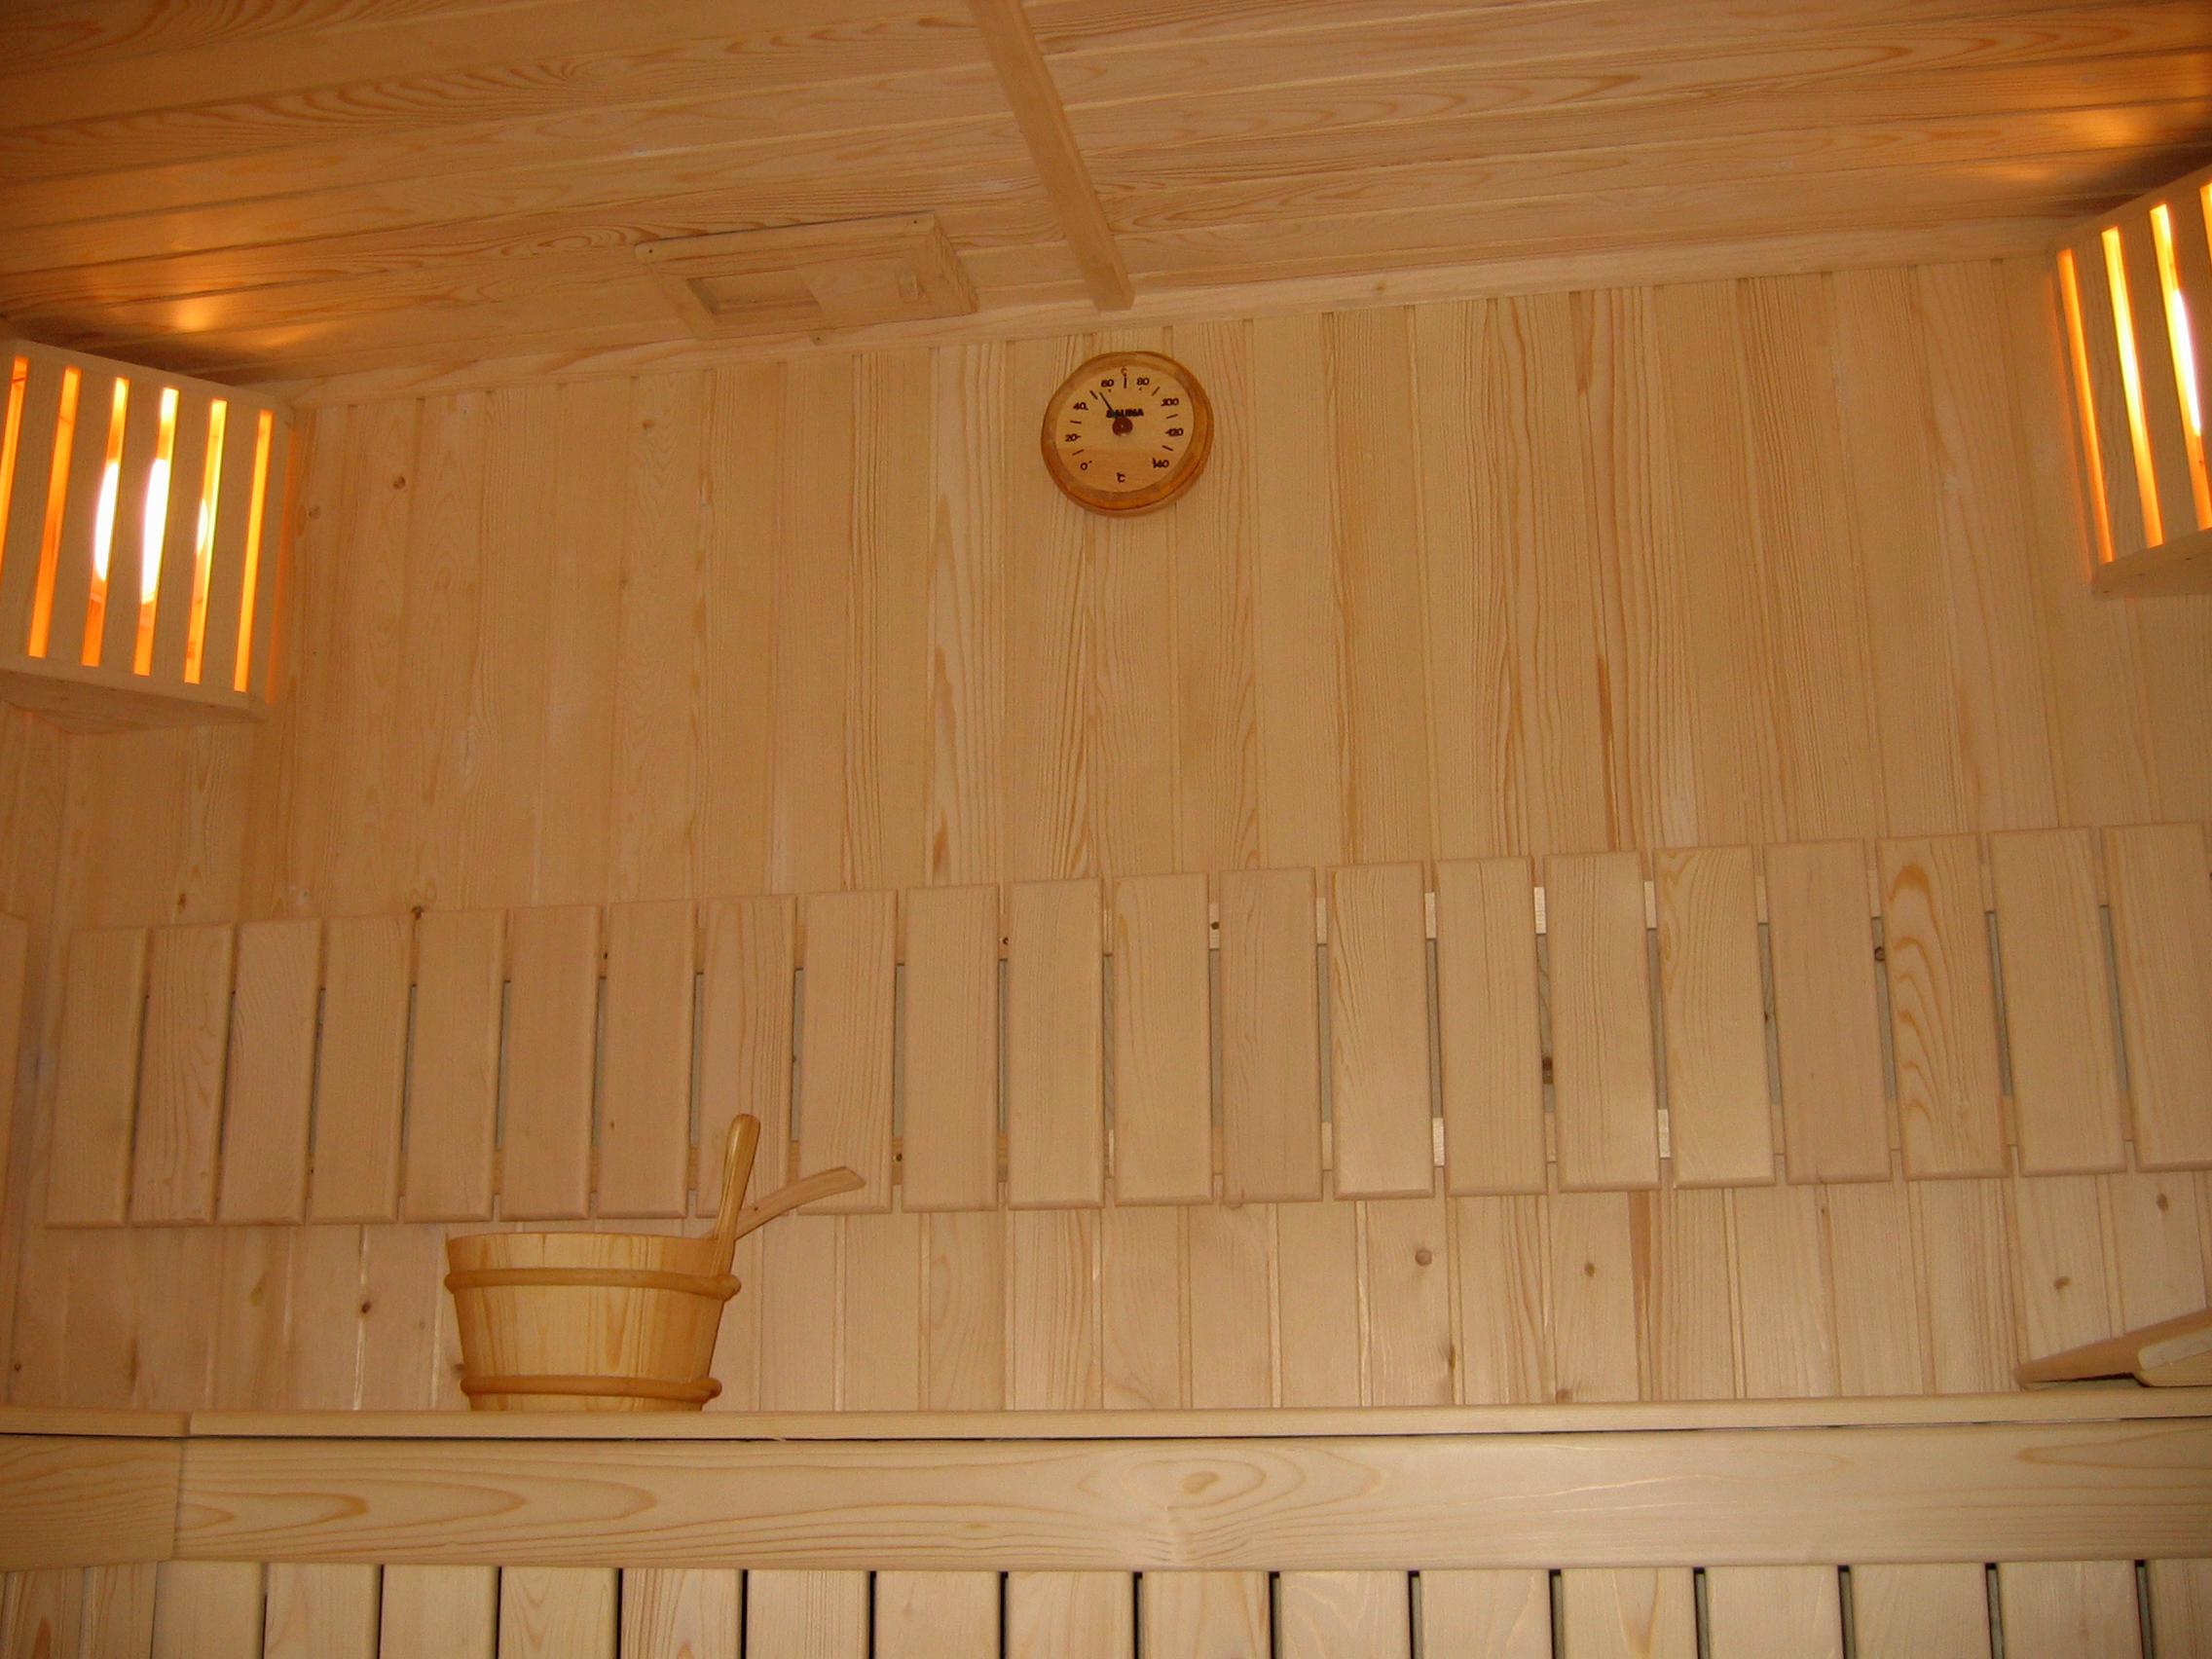 Saune uscate - FINLANDEZA HOBBIT CONCEPT RO - Poza 11